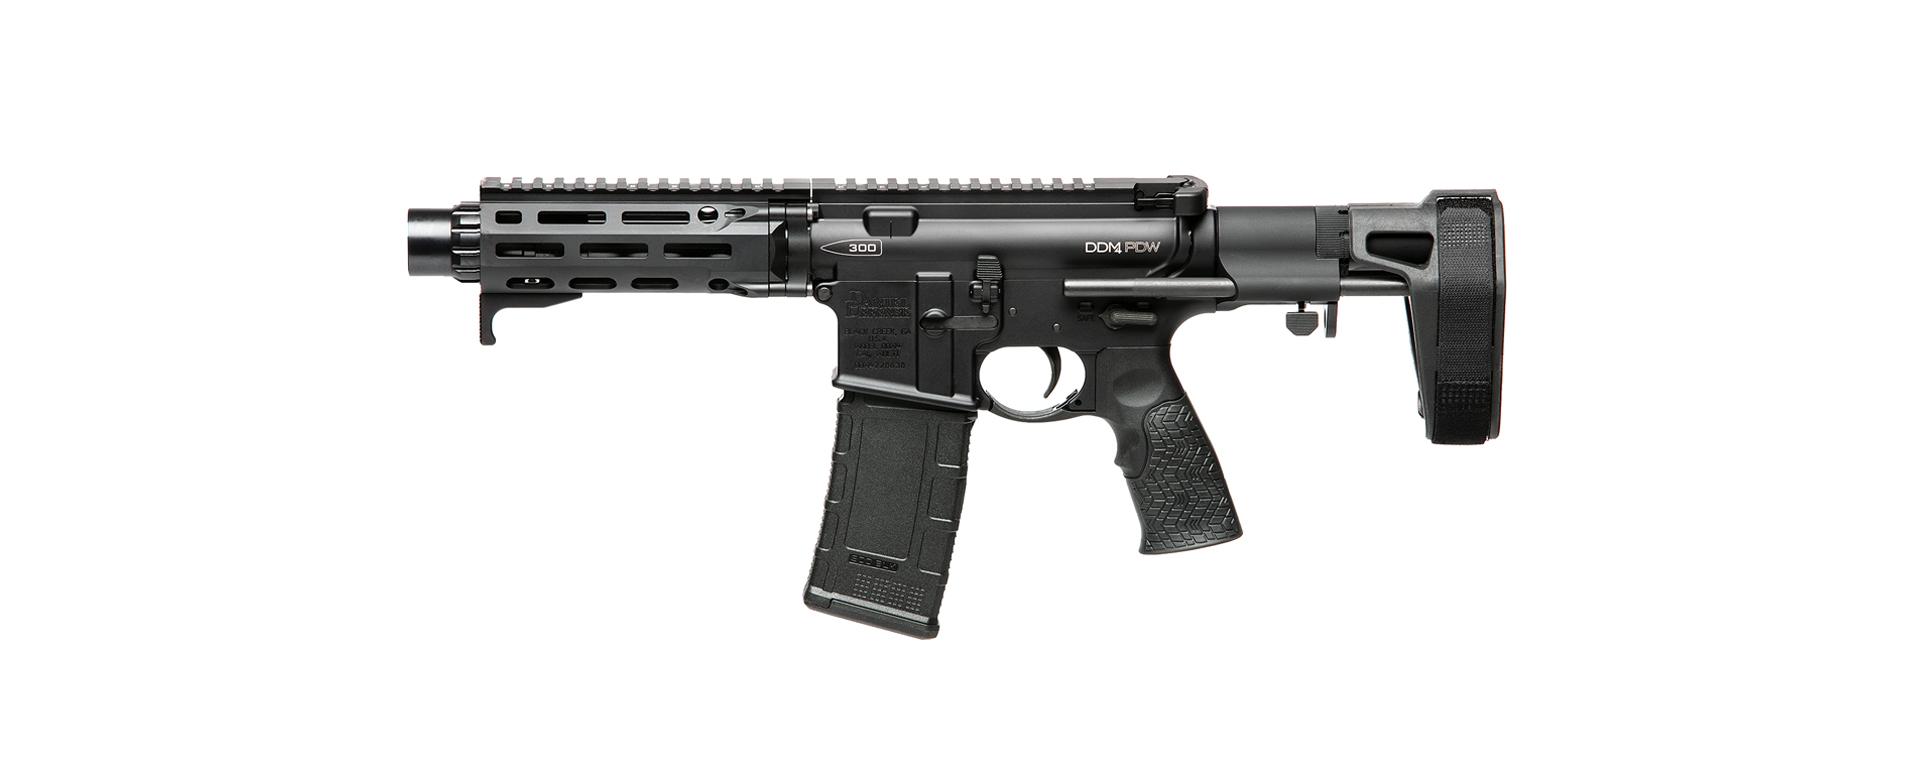 Daniel Defense DDM4 PDW Pistol 300 Blackout - Left